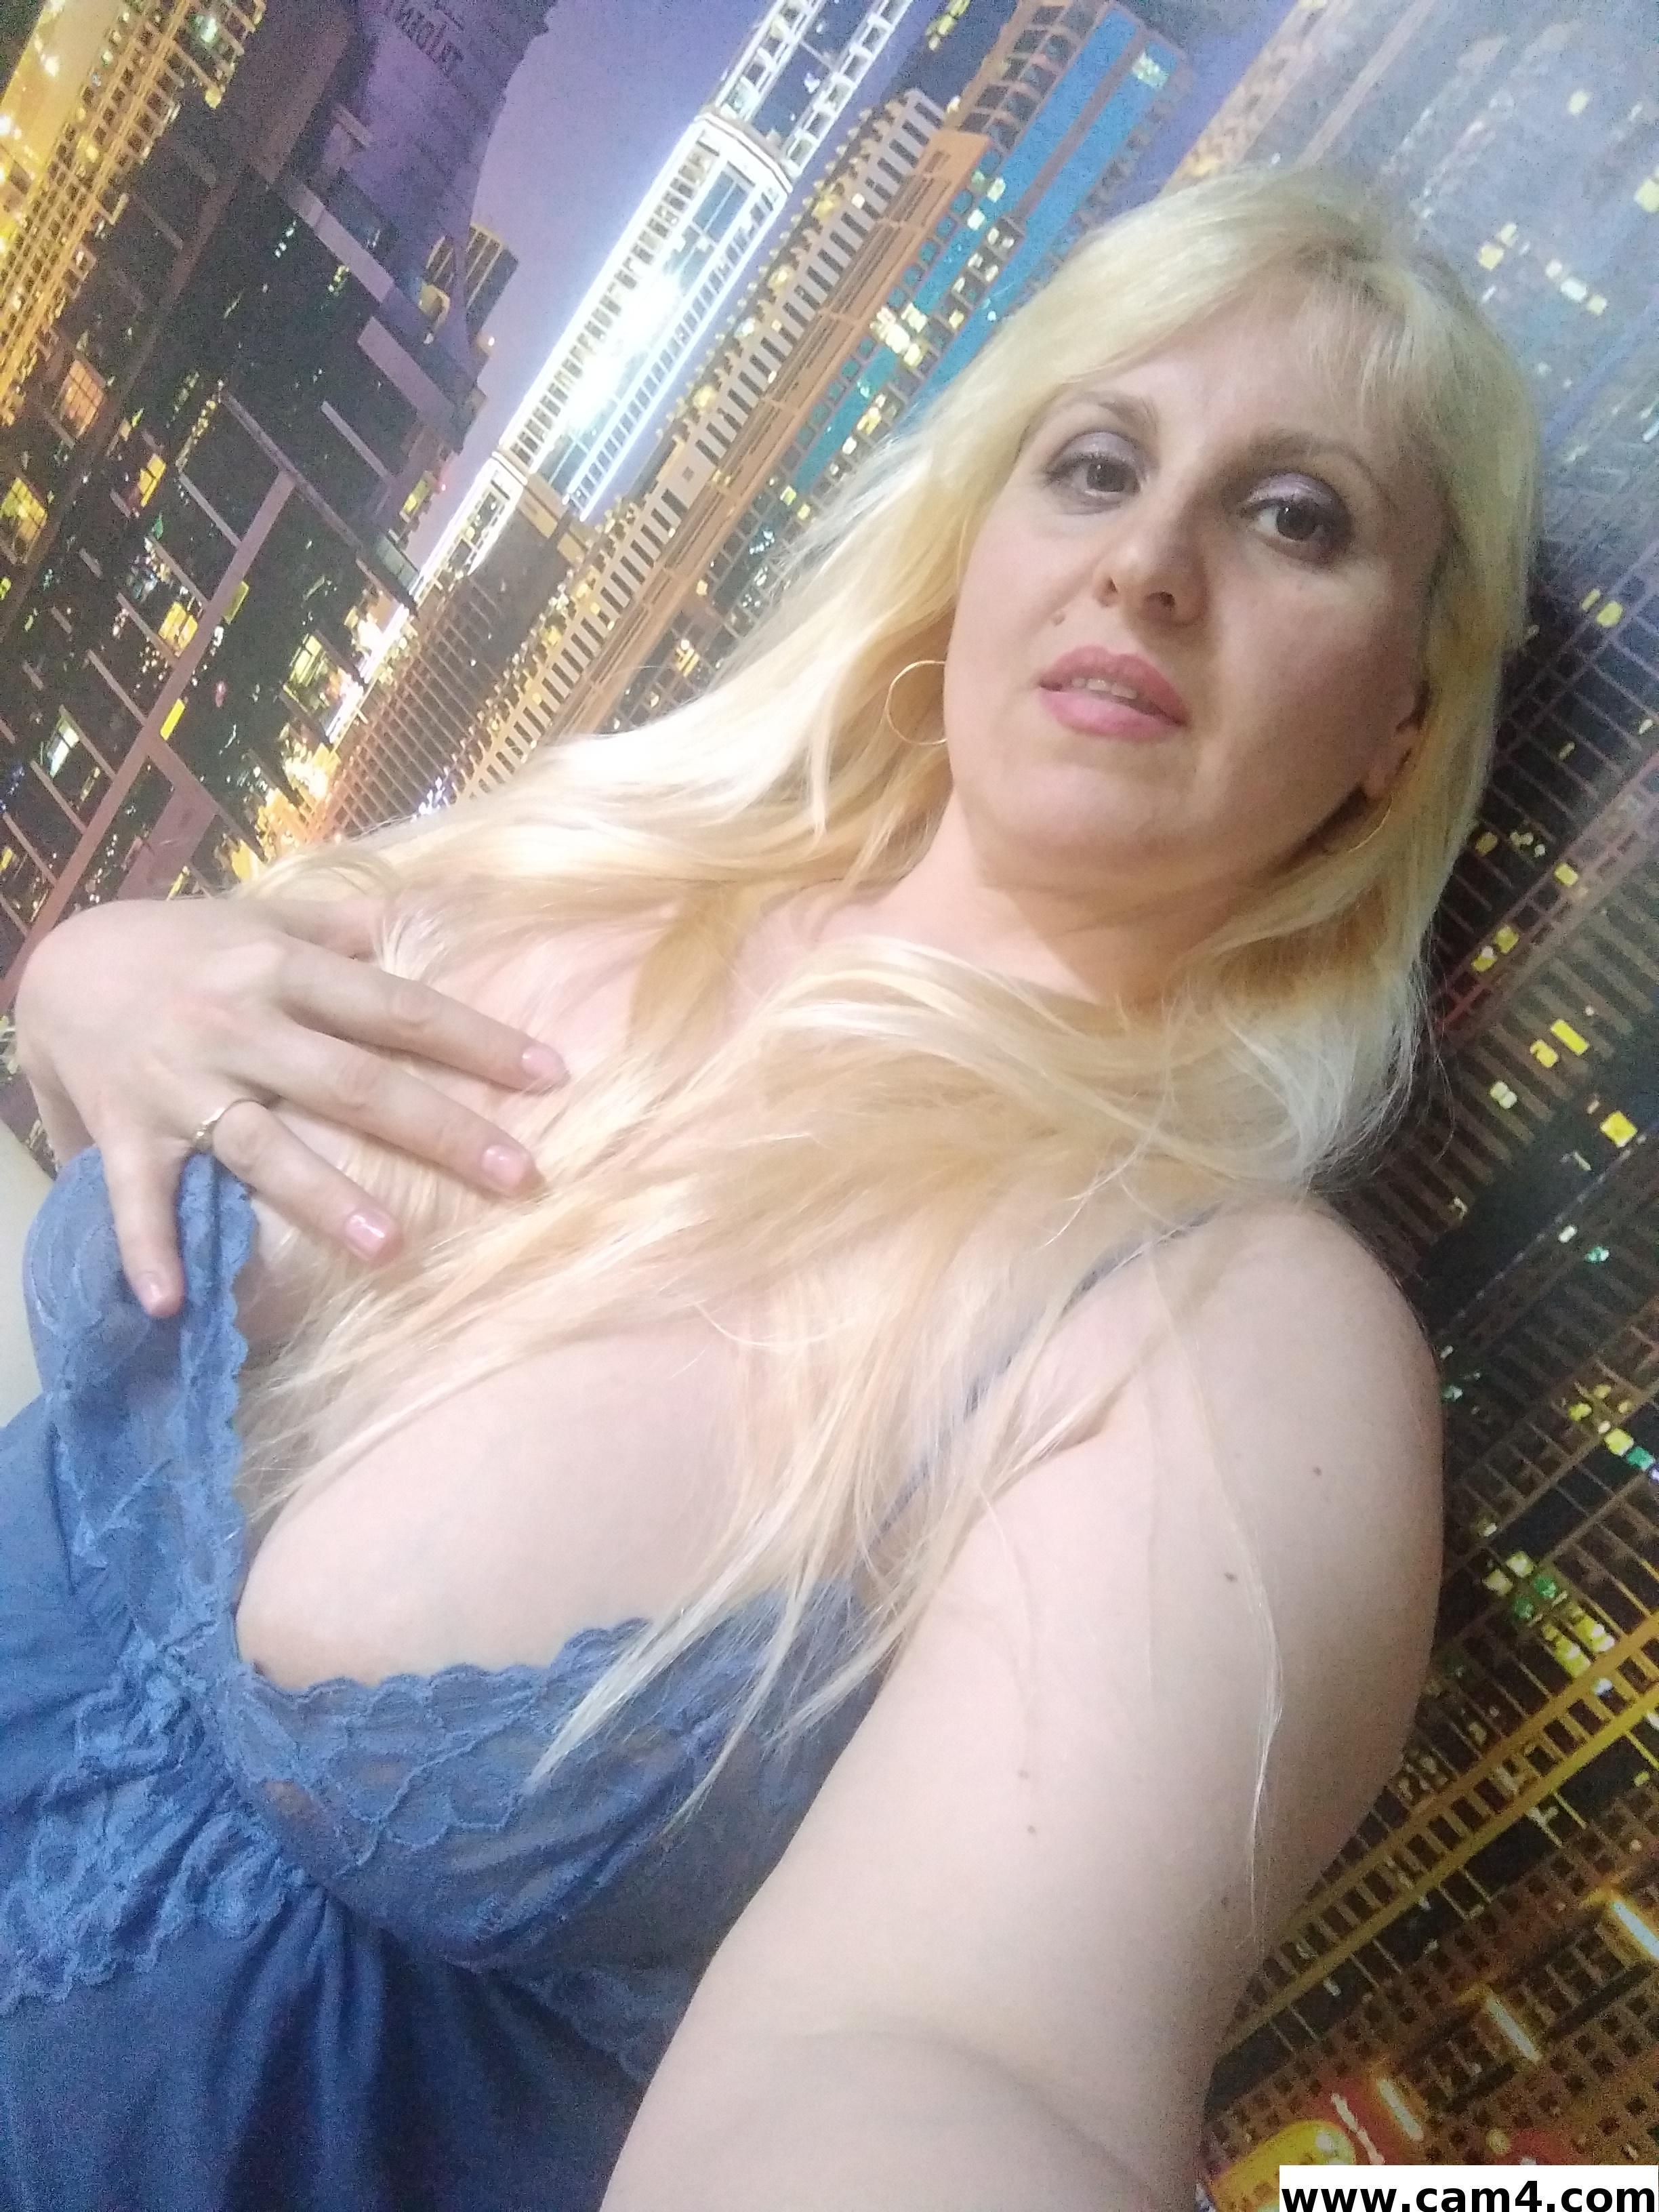 Blondabella?s=ptfcpvx4fnoklkc6velvuopb1fspdxyya48sjhy71pq=